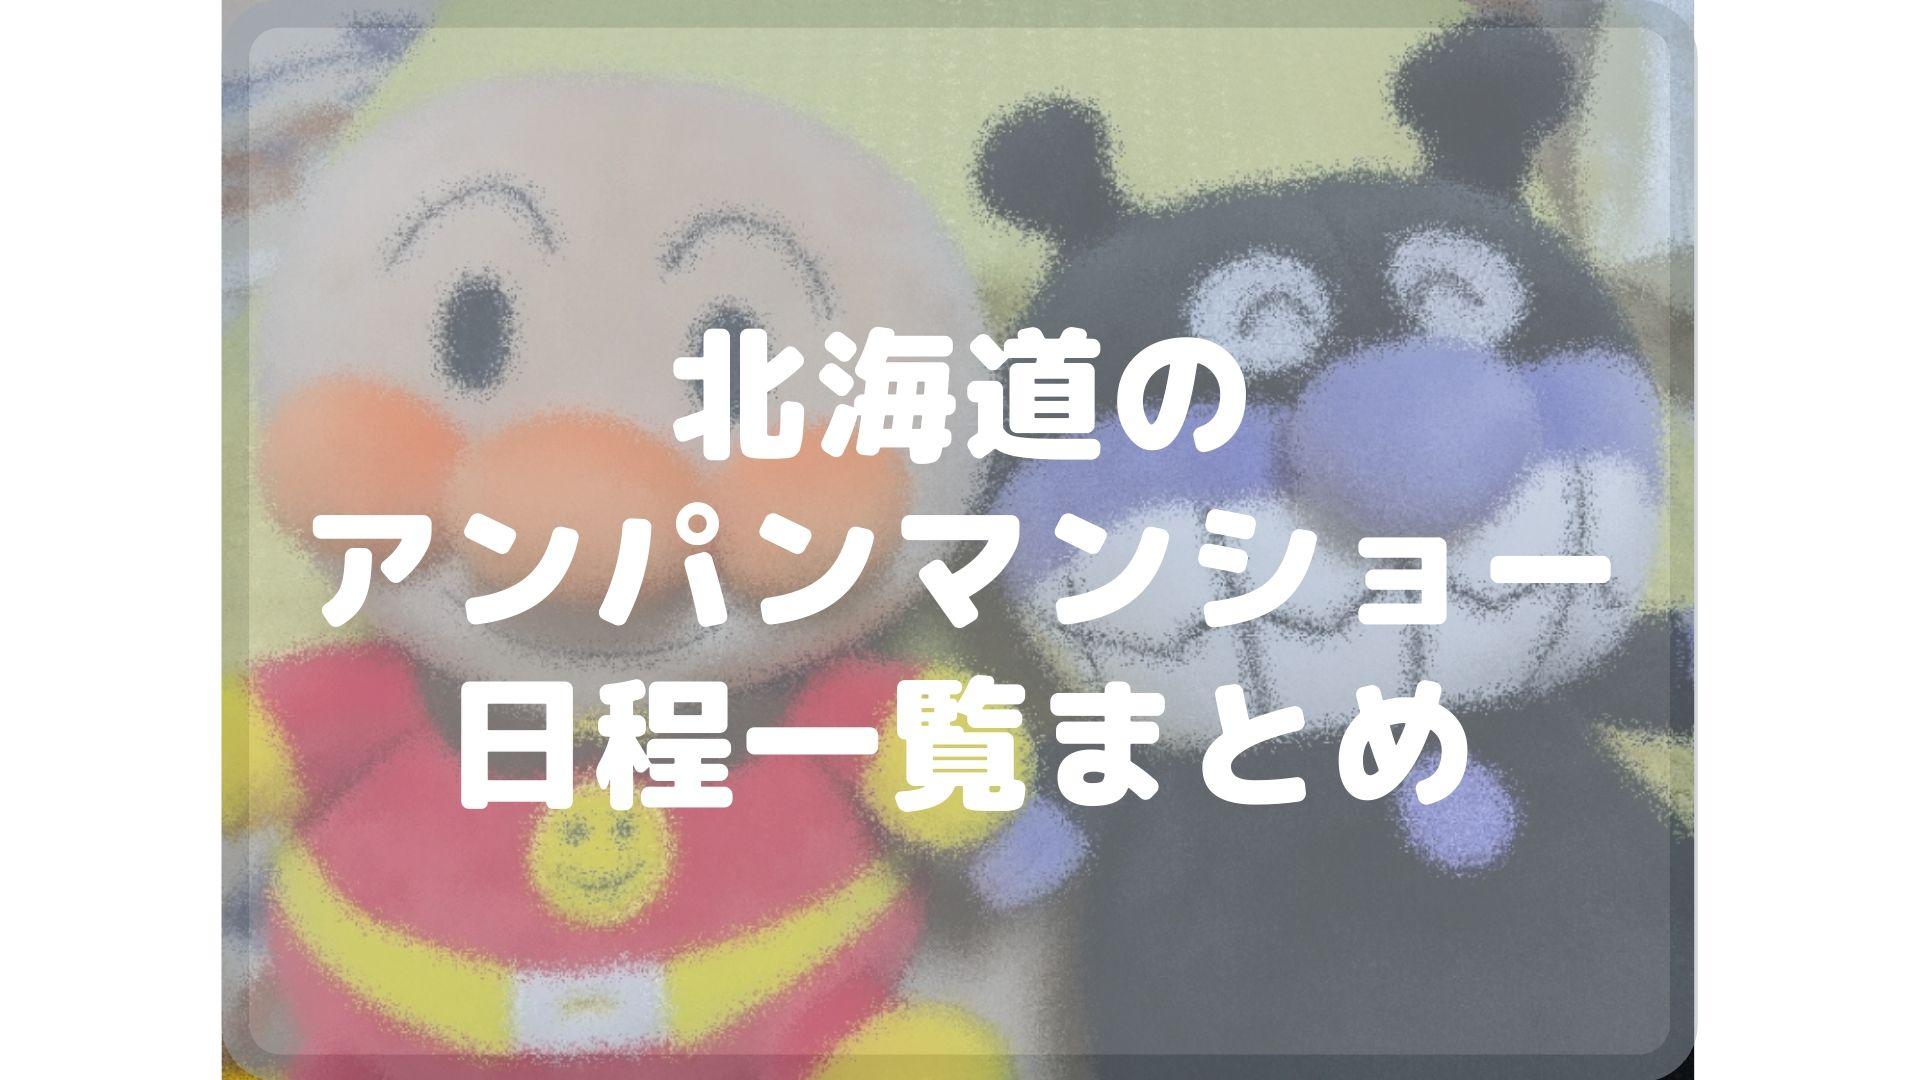 北海道のアンパンマンショーまとめタイトル画像